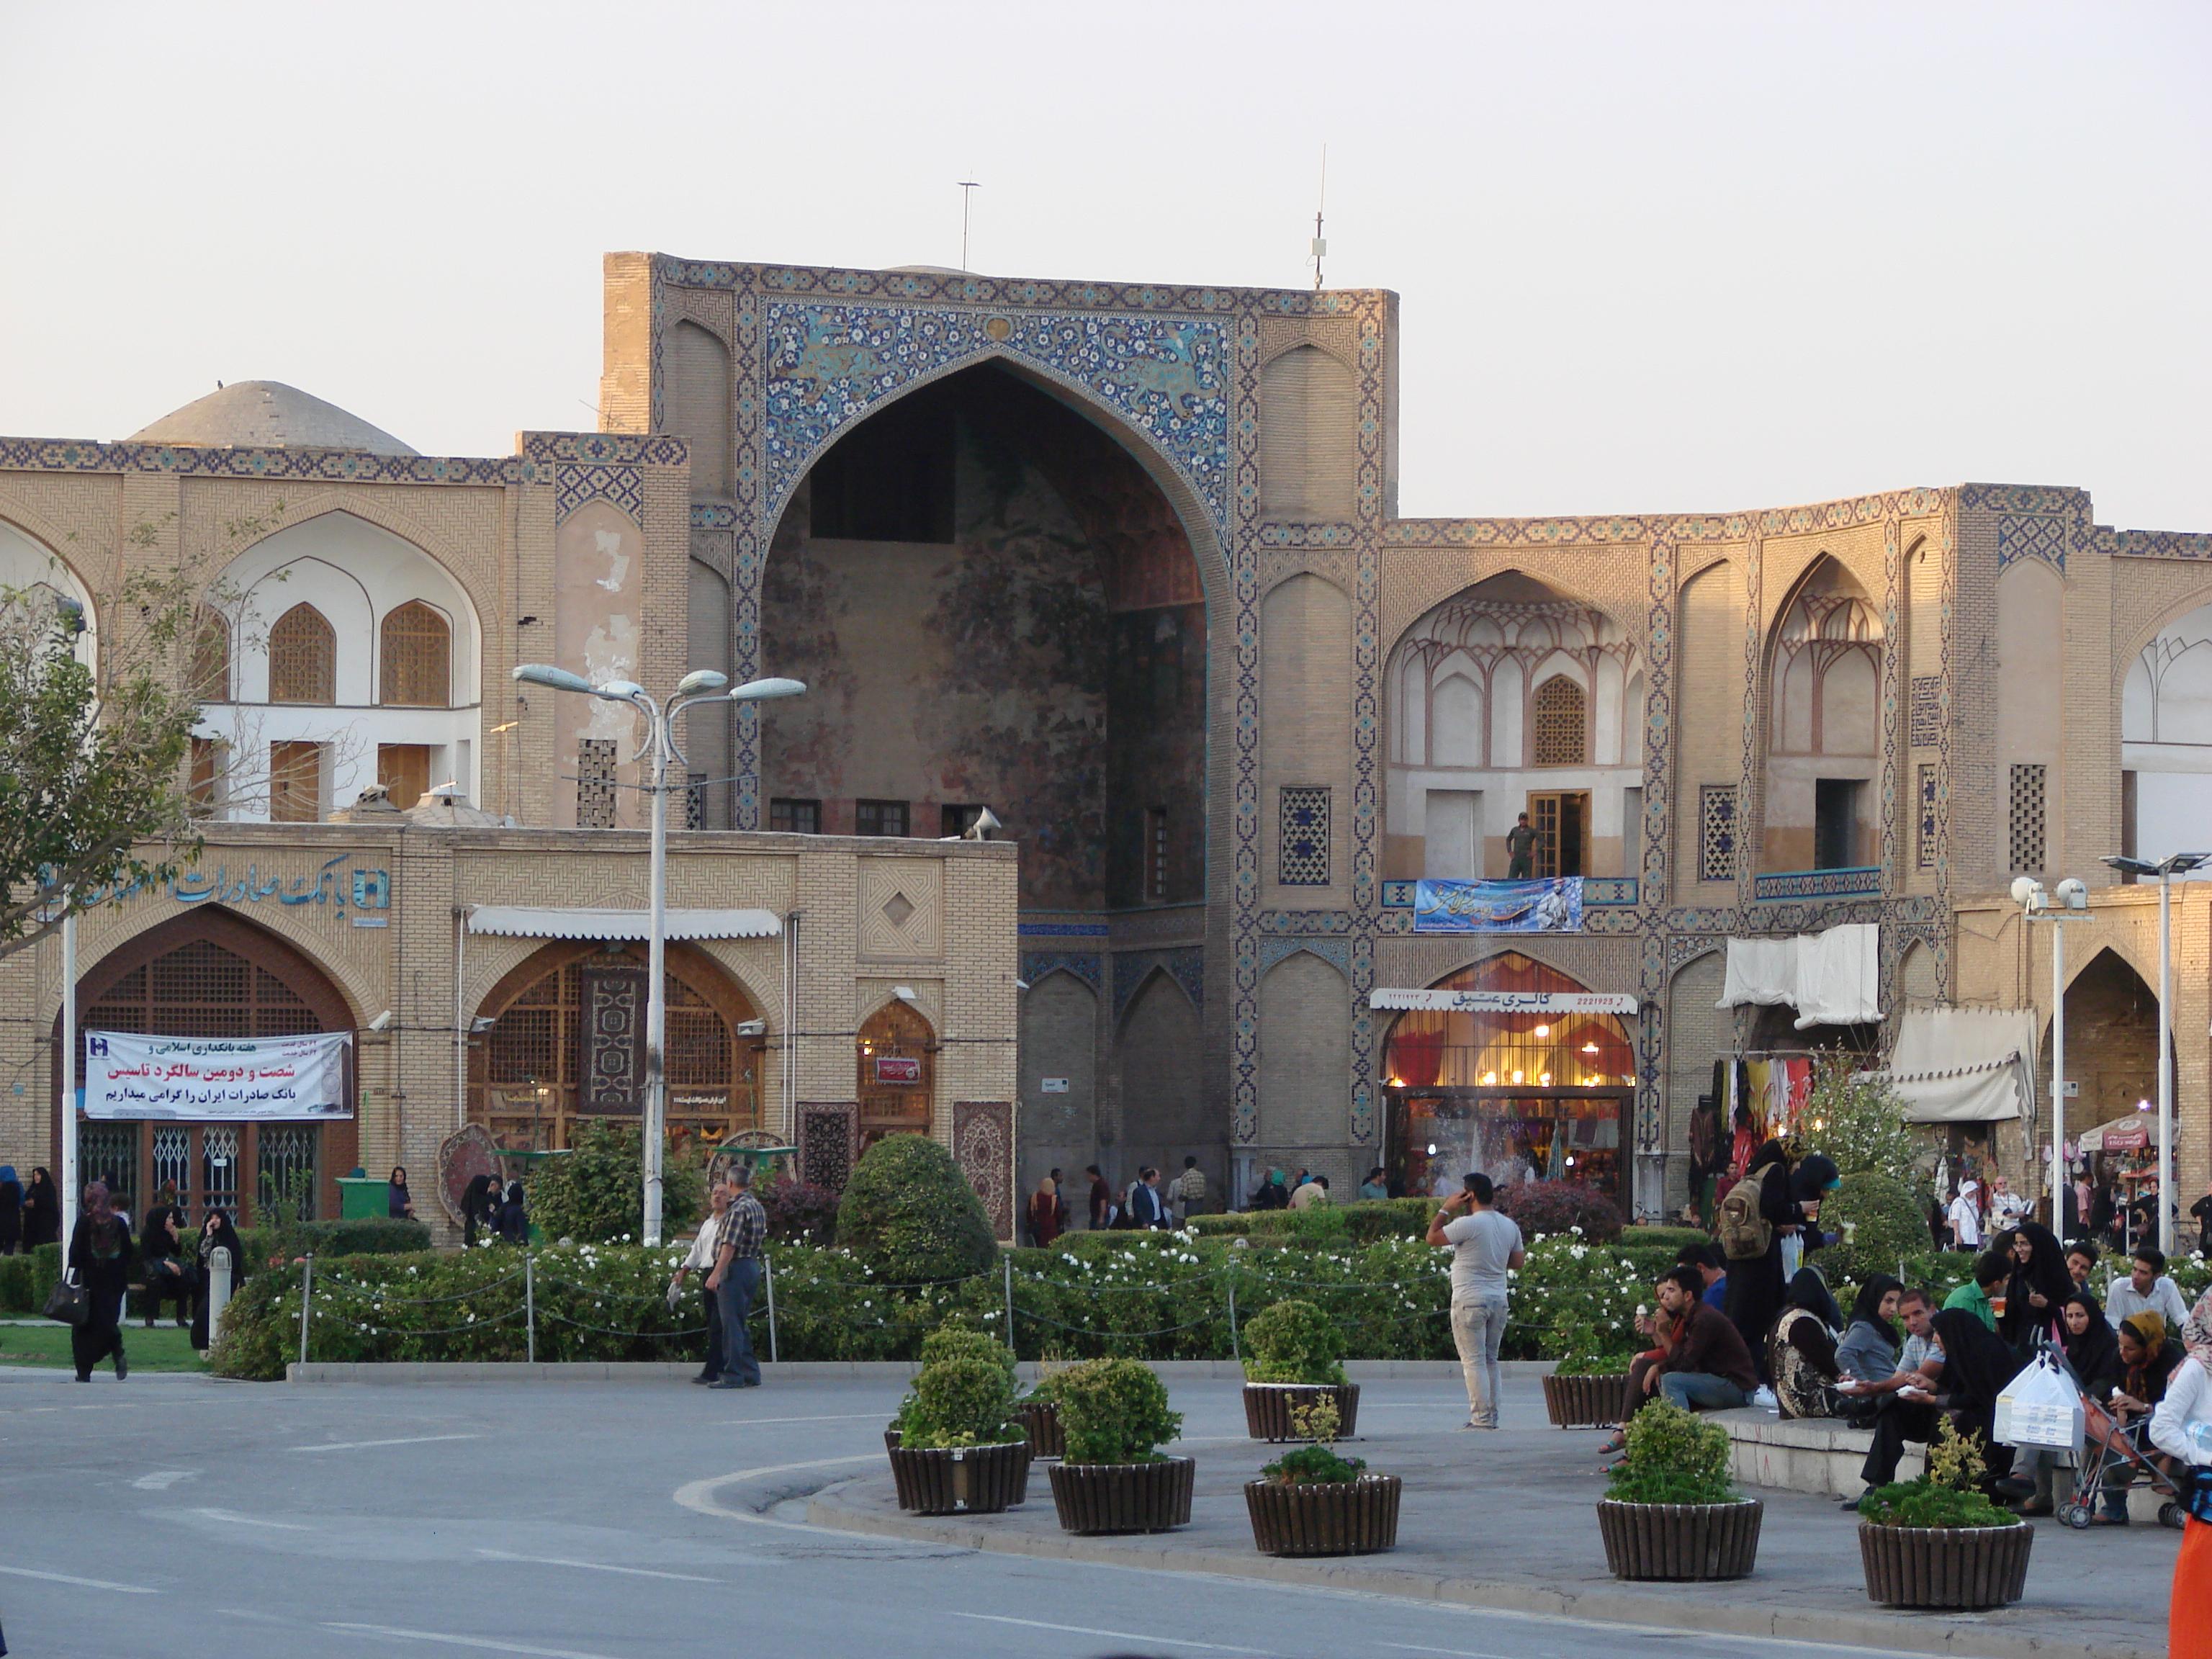 Eingangstor zum Bazar